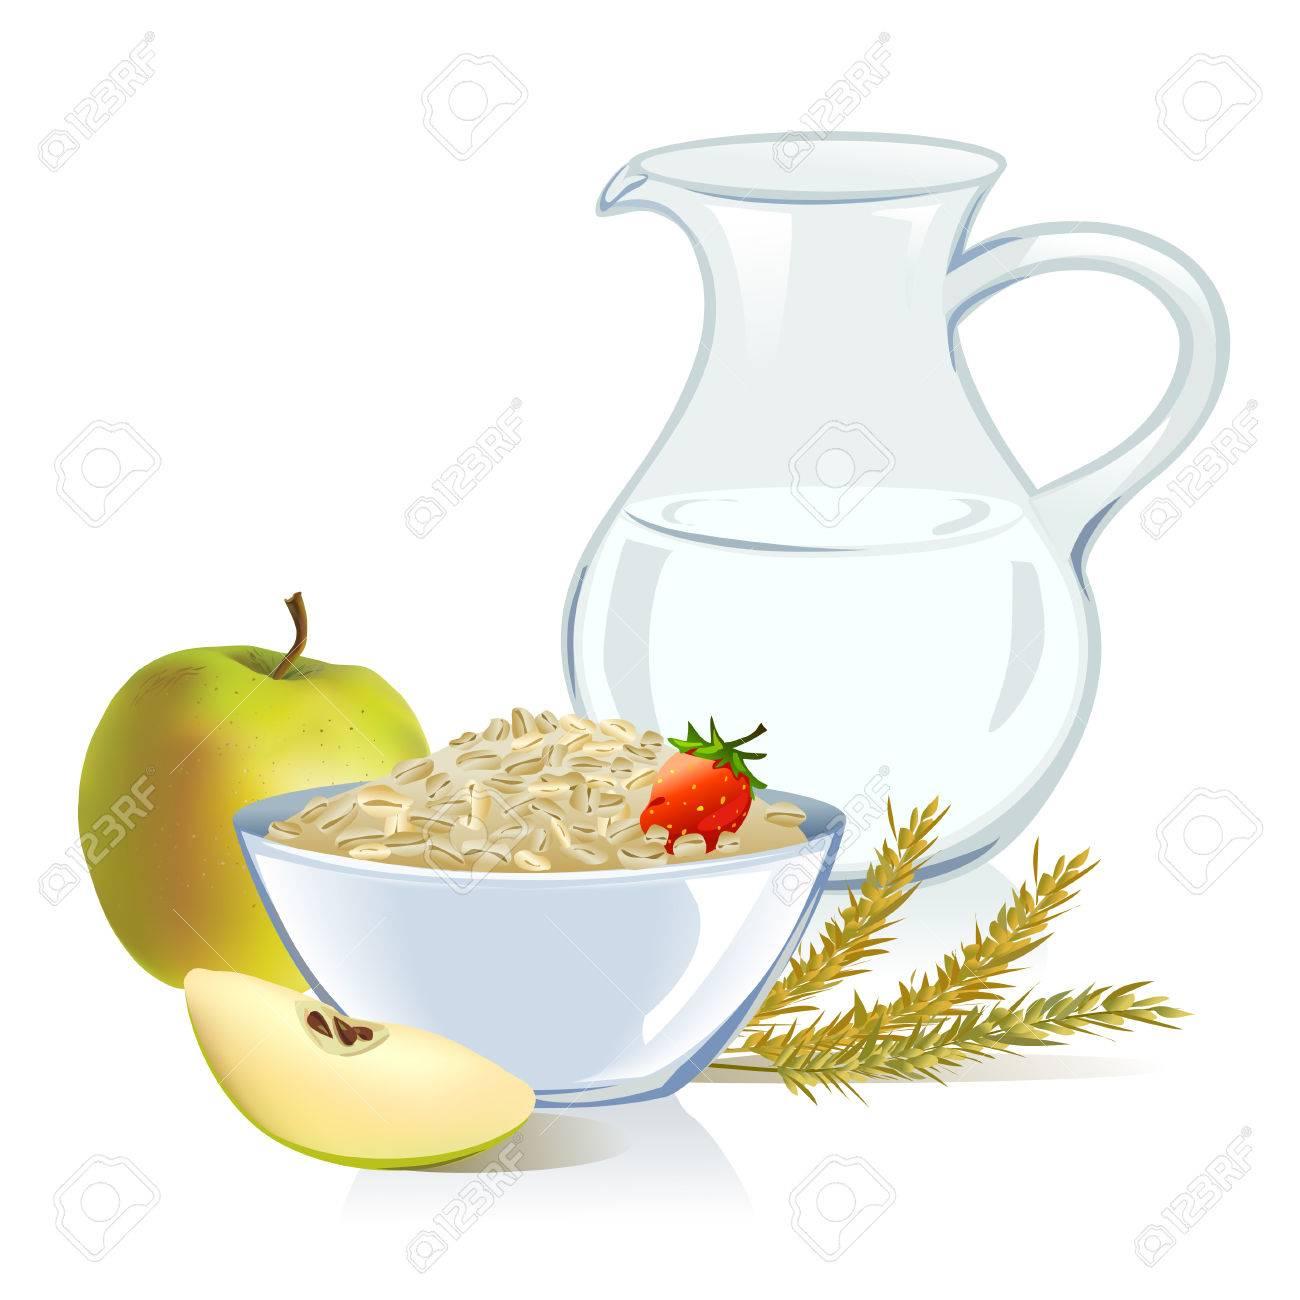 healthy food, cereals, milk, apple. Standard-Bild - 29297772